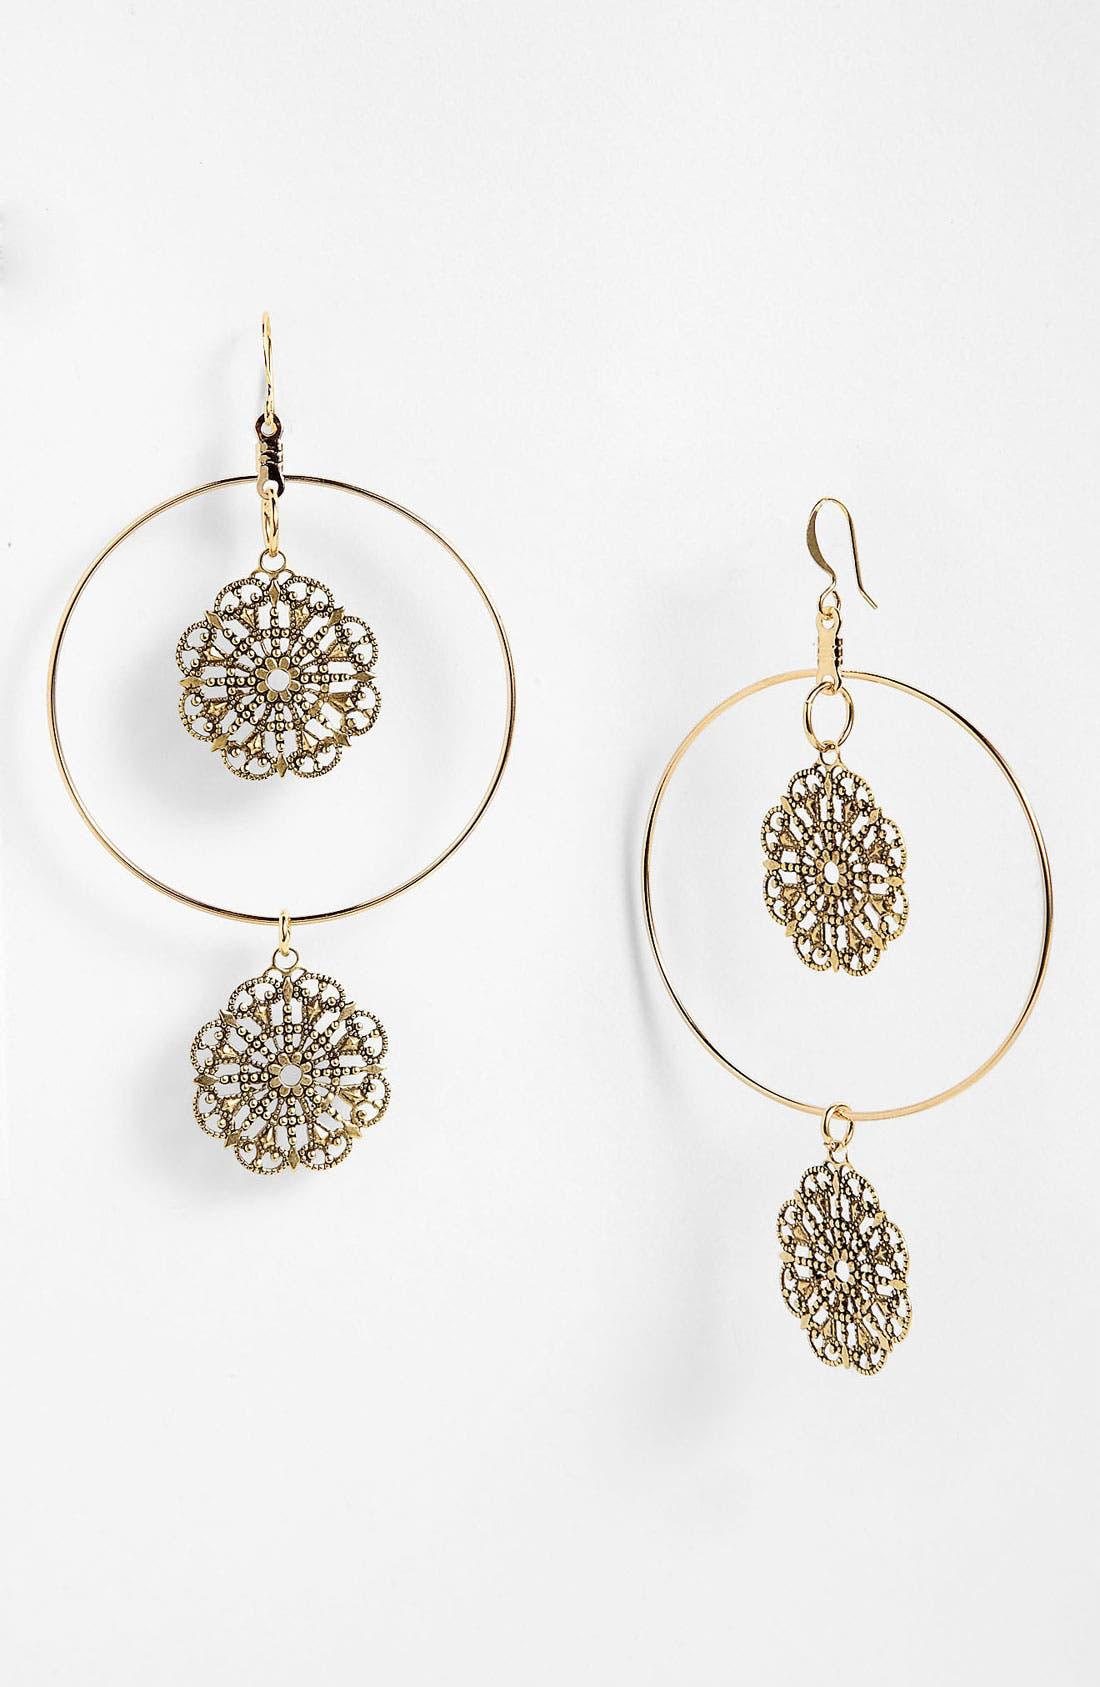 Alternate Image 1 Selected - Verdier Jewelry 'Two Drop Filigree' Hoop Earrings (Nordstrom Exclusive)